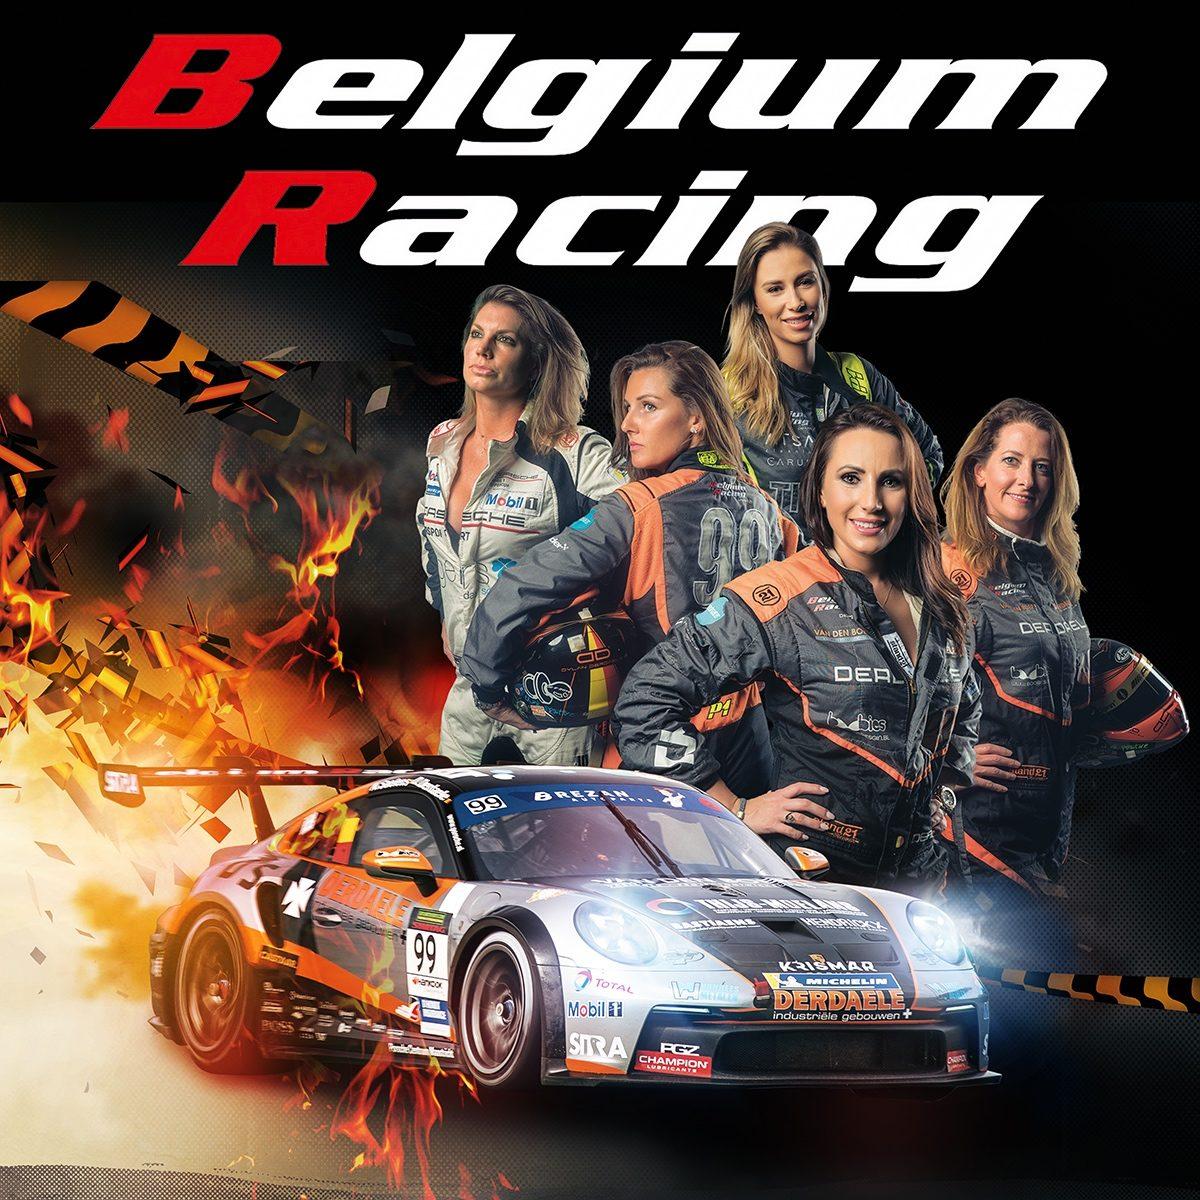 Belgium Racing, 24 Hours of Zolder, Girl Power